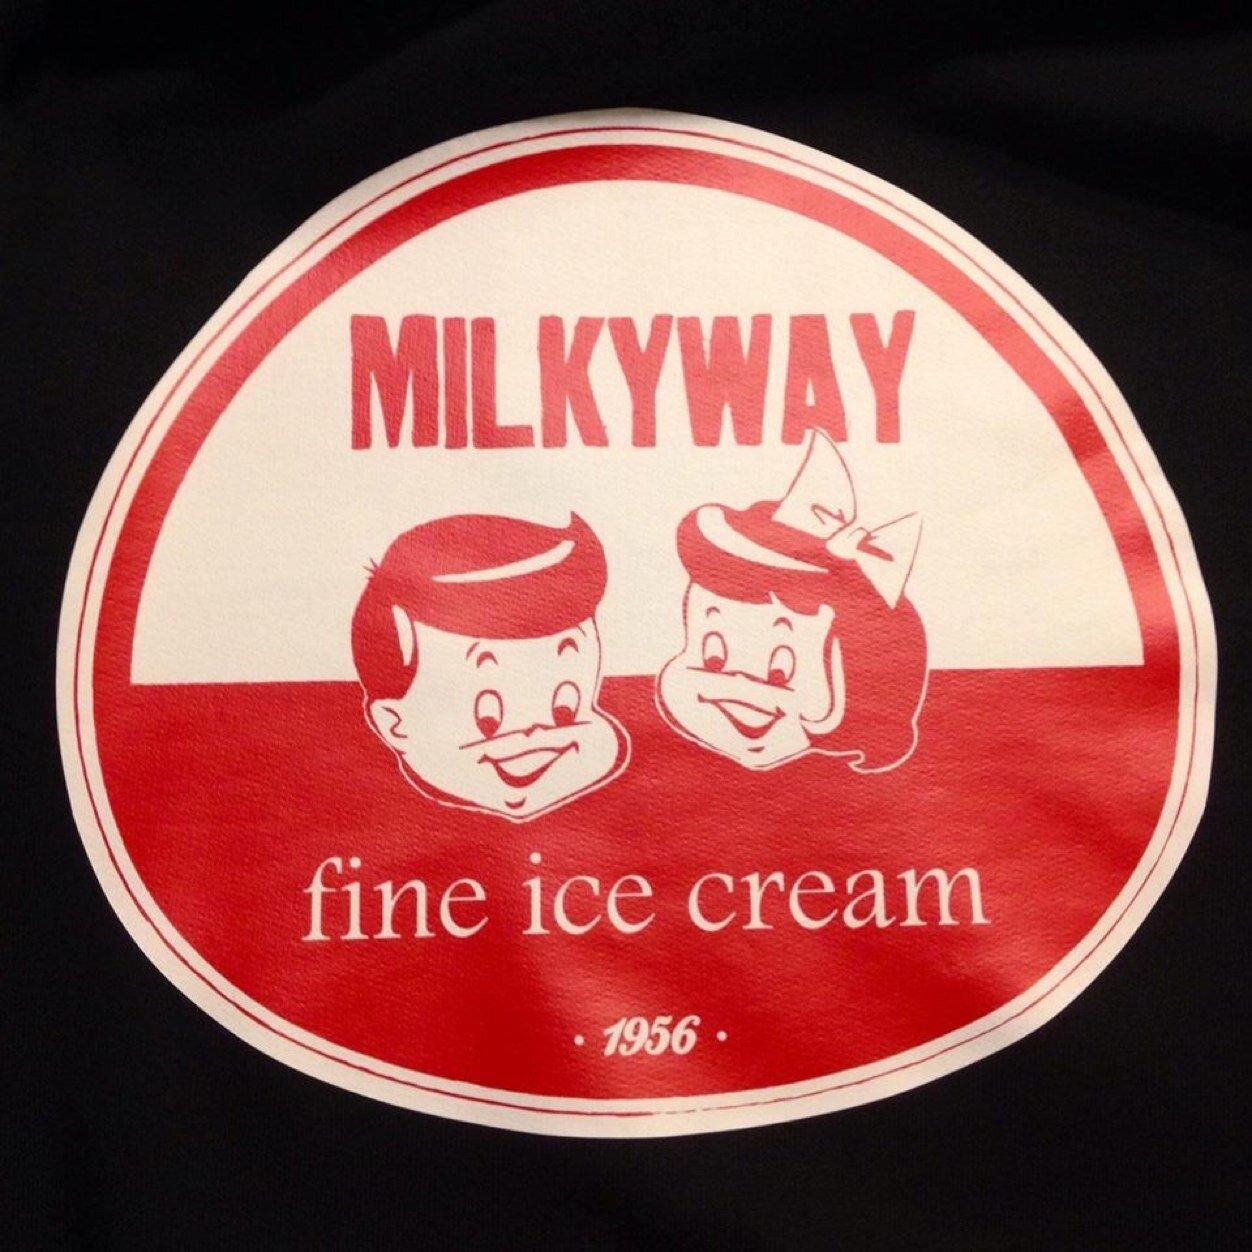 Milky Way Ice Cream (@MilkyWayRegina) | Twitter